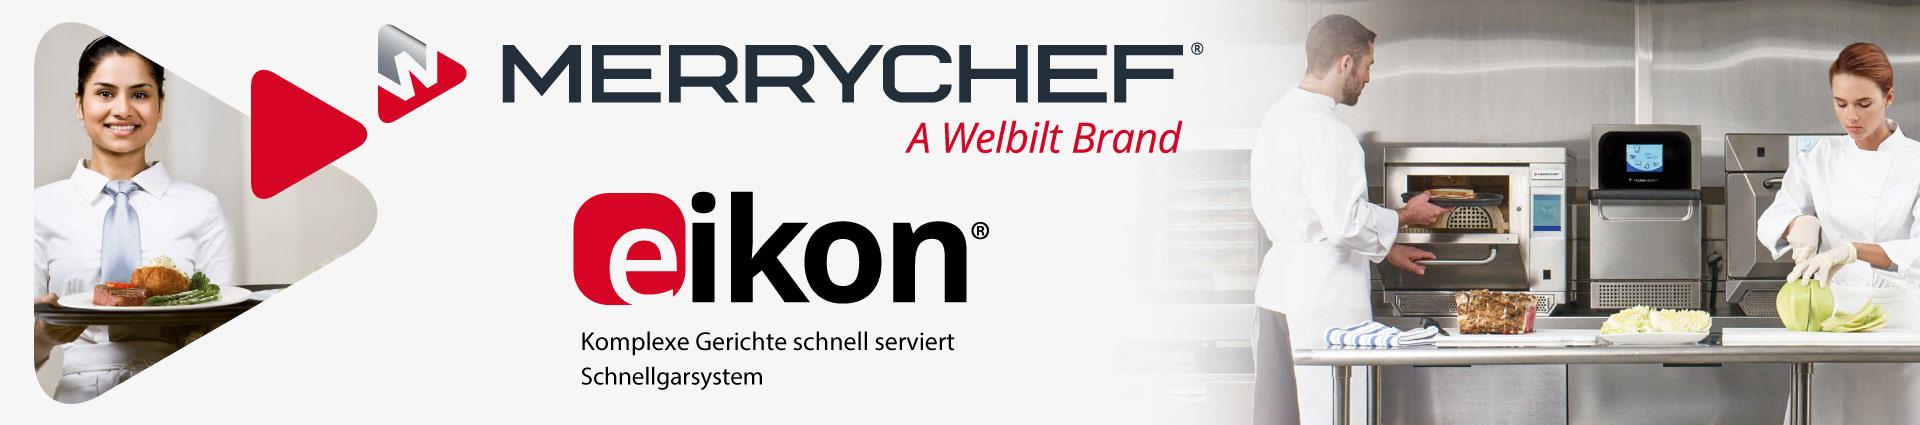 Merrychef eikon Series Banner